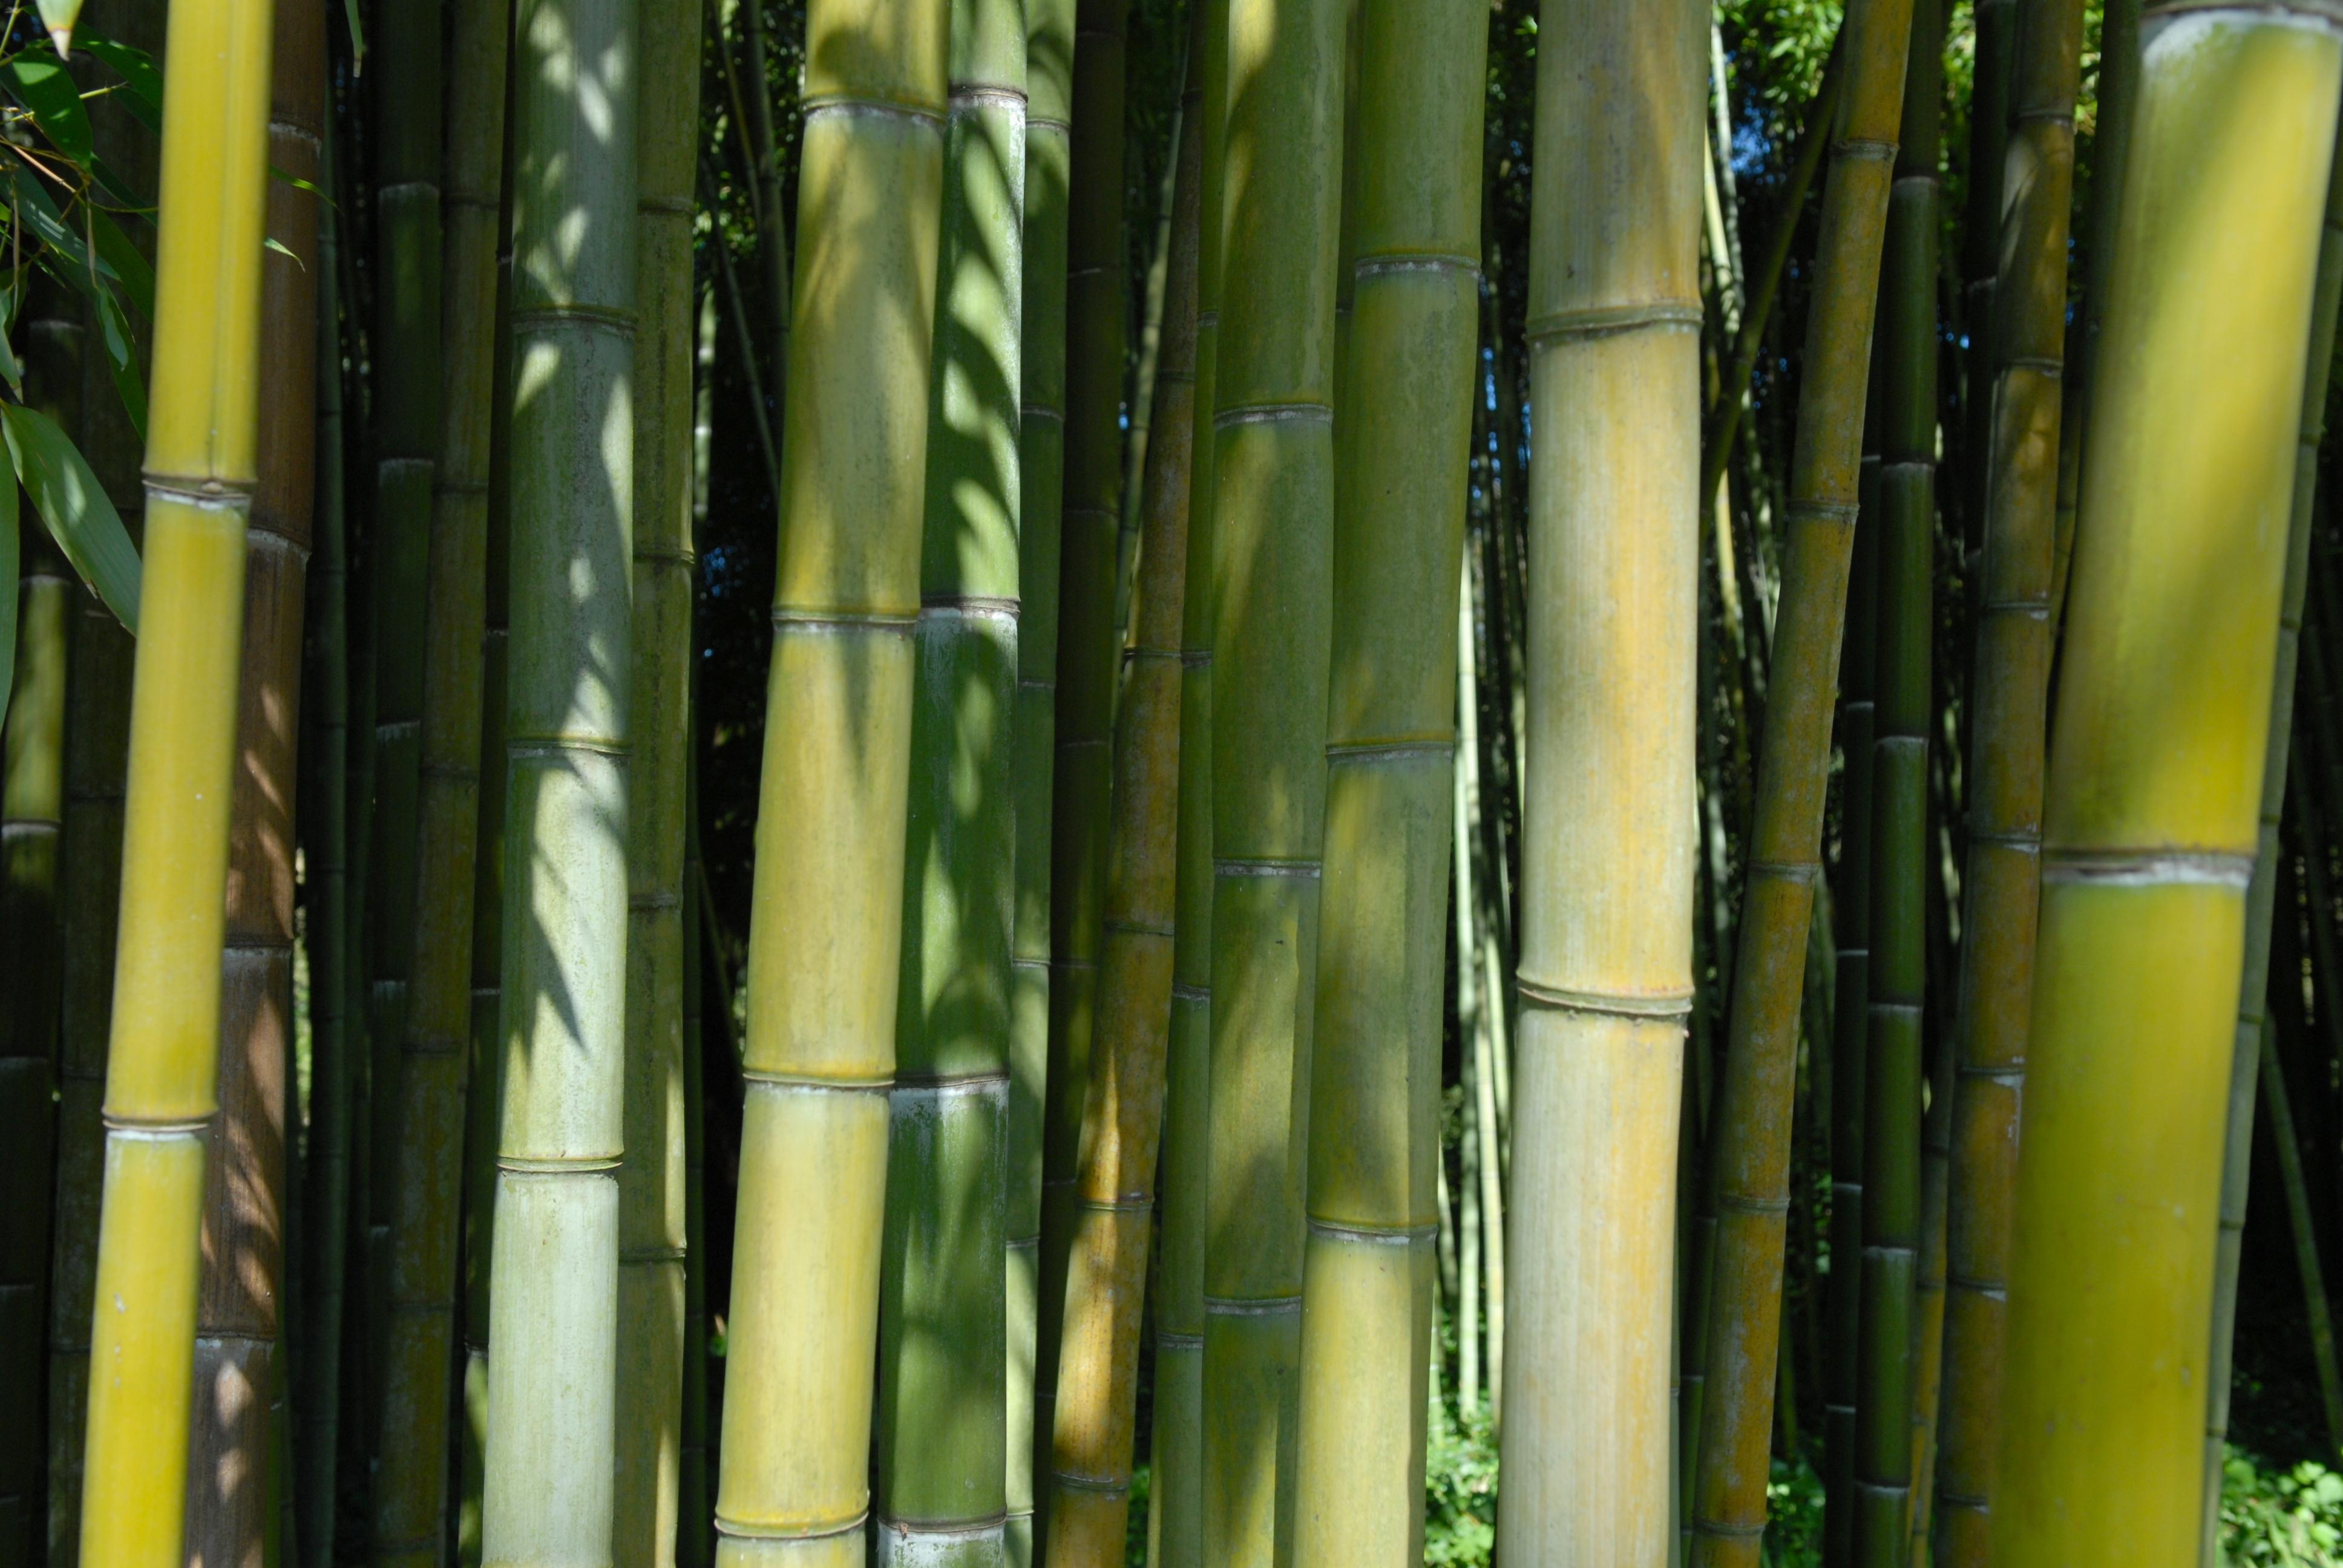 bamboo - Ninfa Gardens, Italy